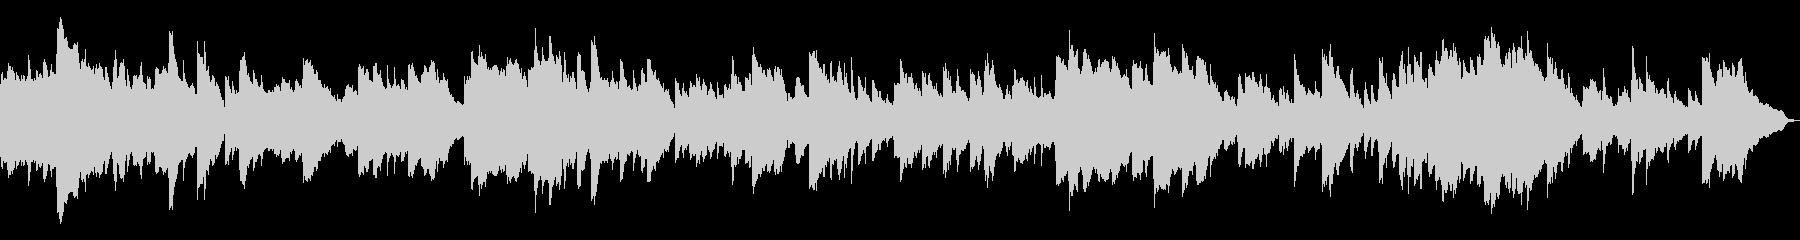 きれいなピアノのアルペジオ。ループ可の未再生の波形